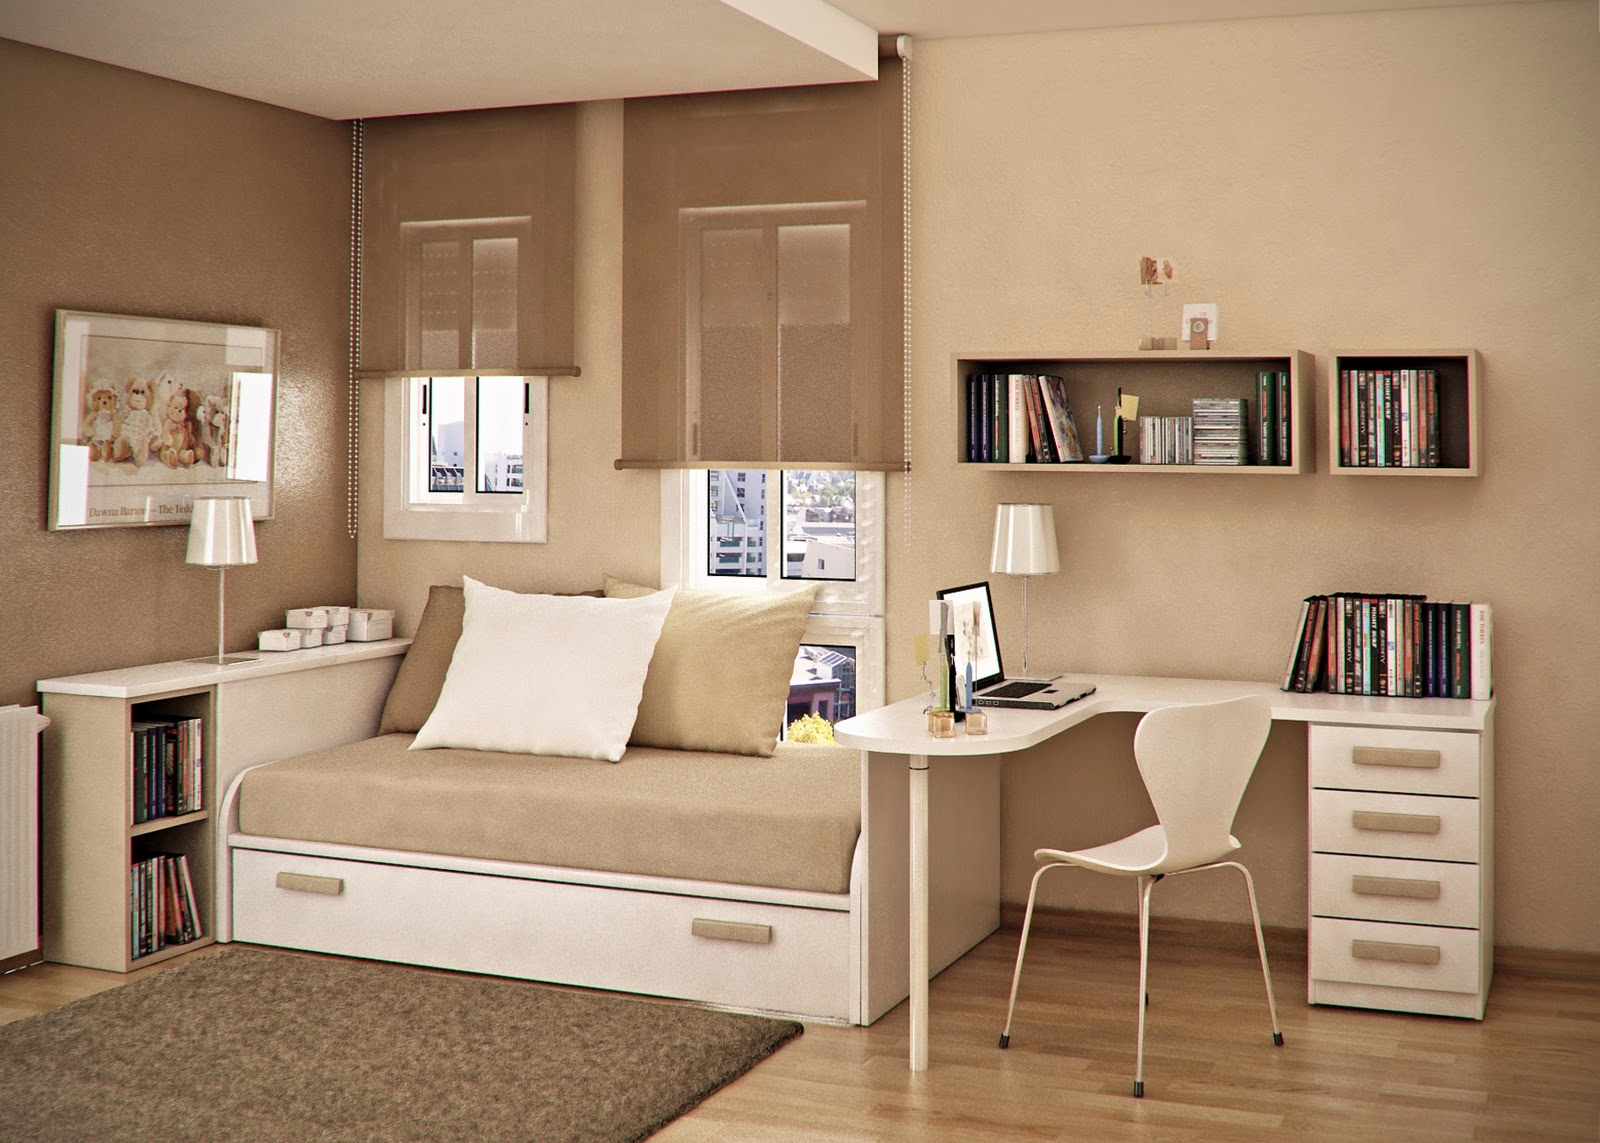 Taupe beige kids room | Interior Design Ideas. on Beige Teen Bedroom  id=36854